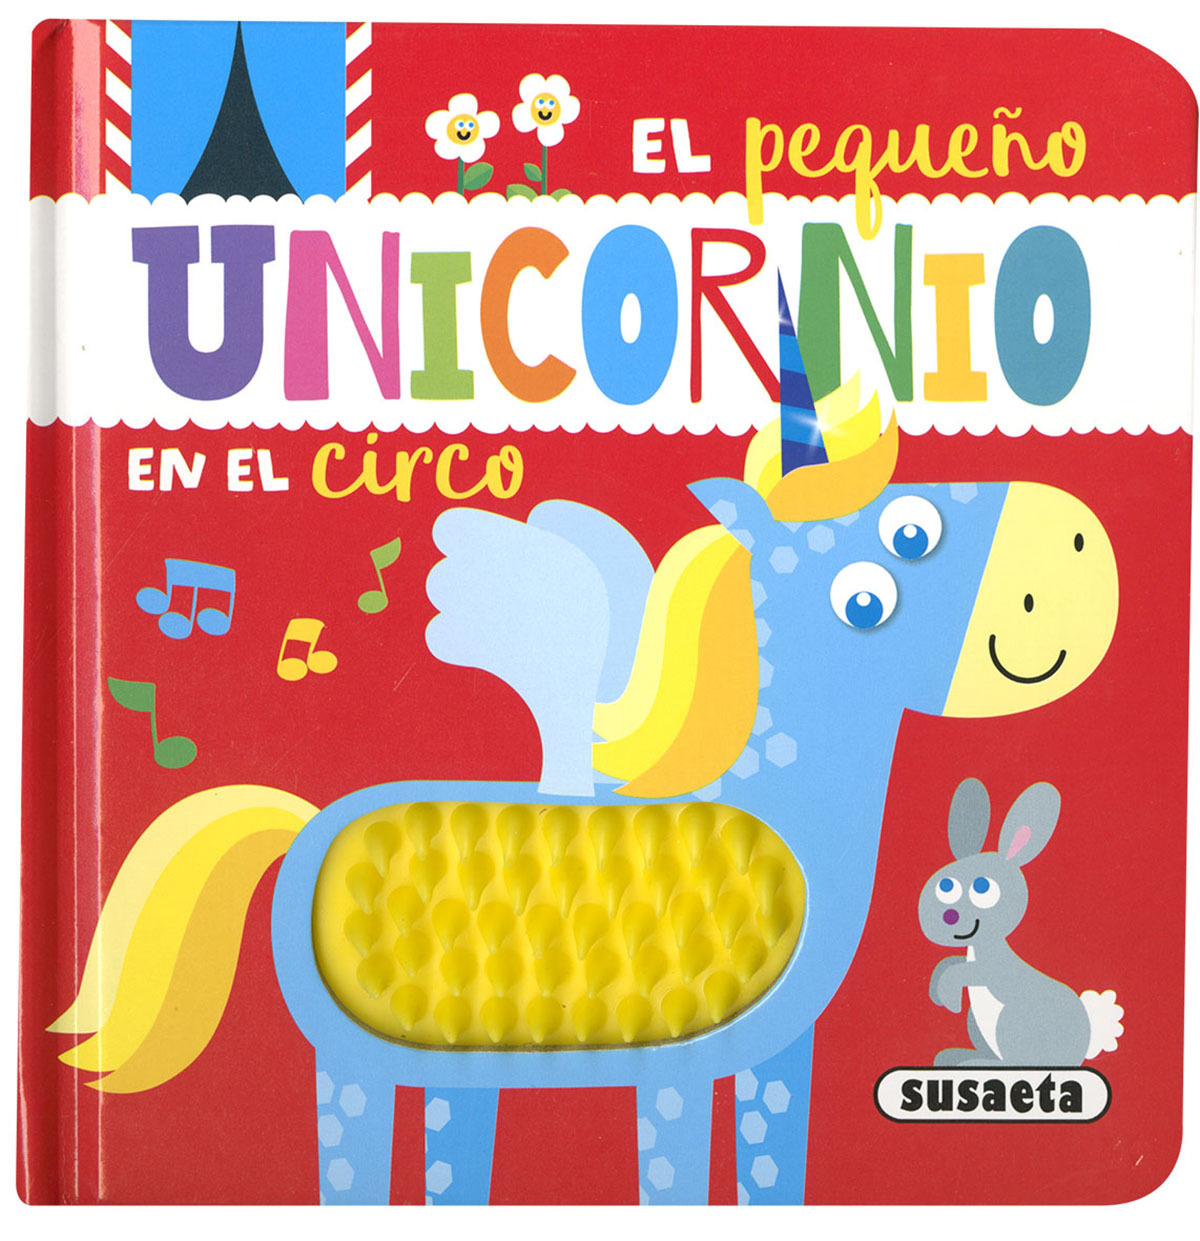 El pequeño unicornio en el circo